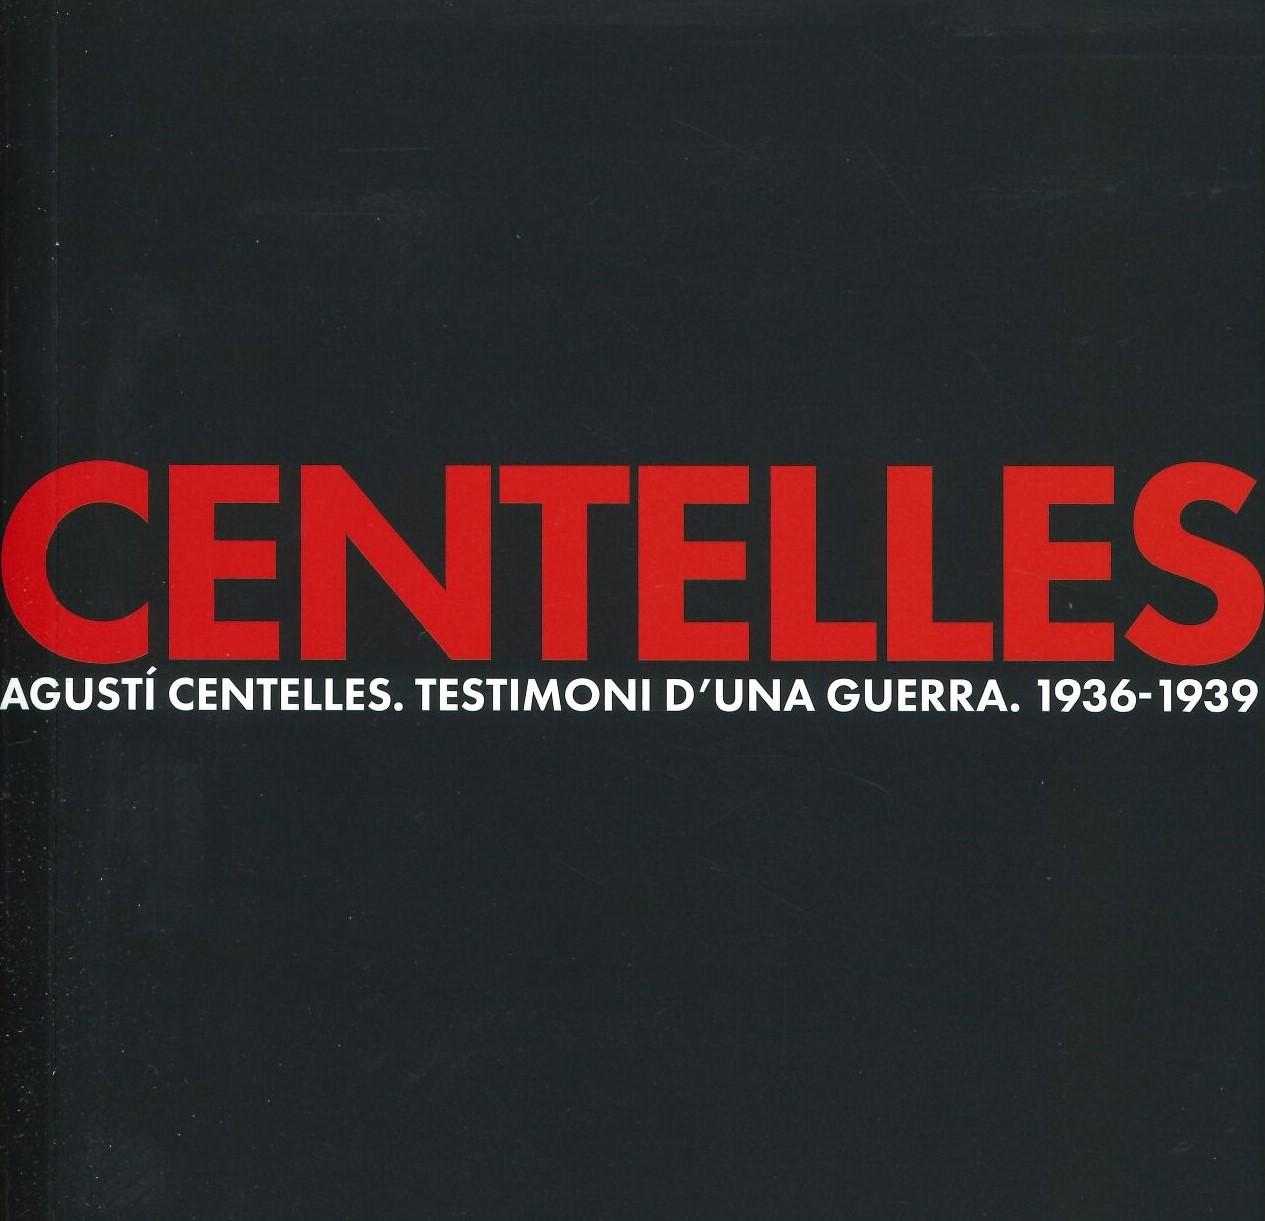 centelles_testimoni_guerra.jpg